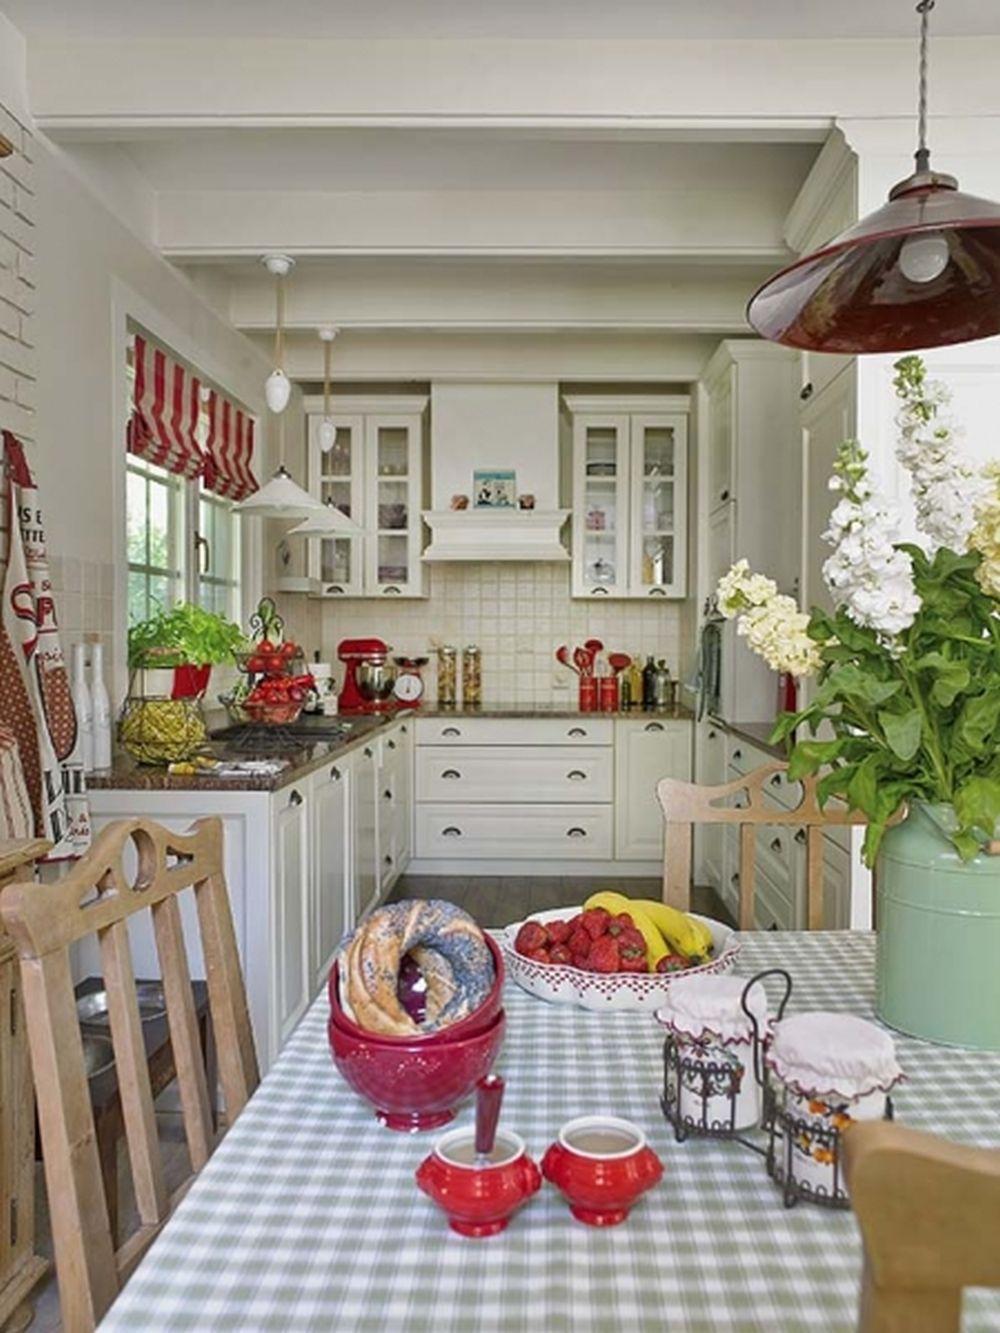 adelaparvu.com despre casa in stil rustic, Polonia, Foto Michal Skorupski (6)